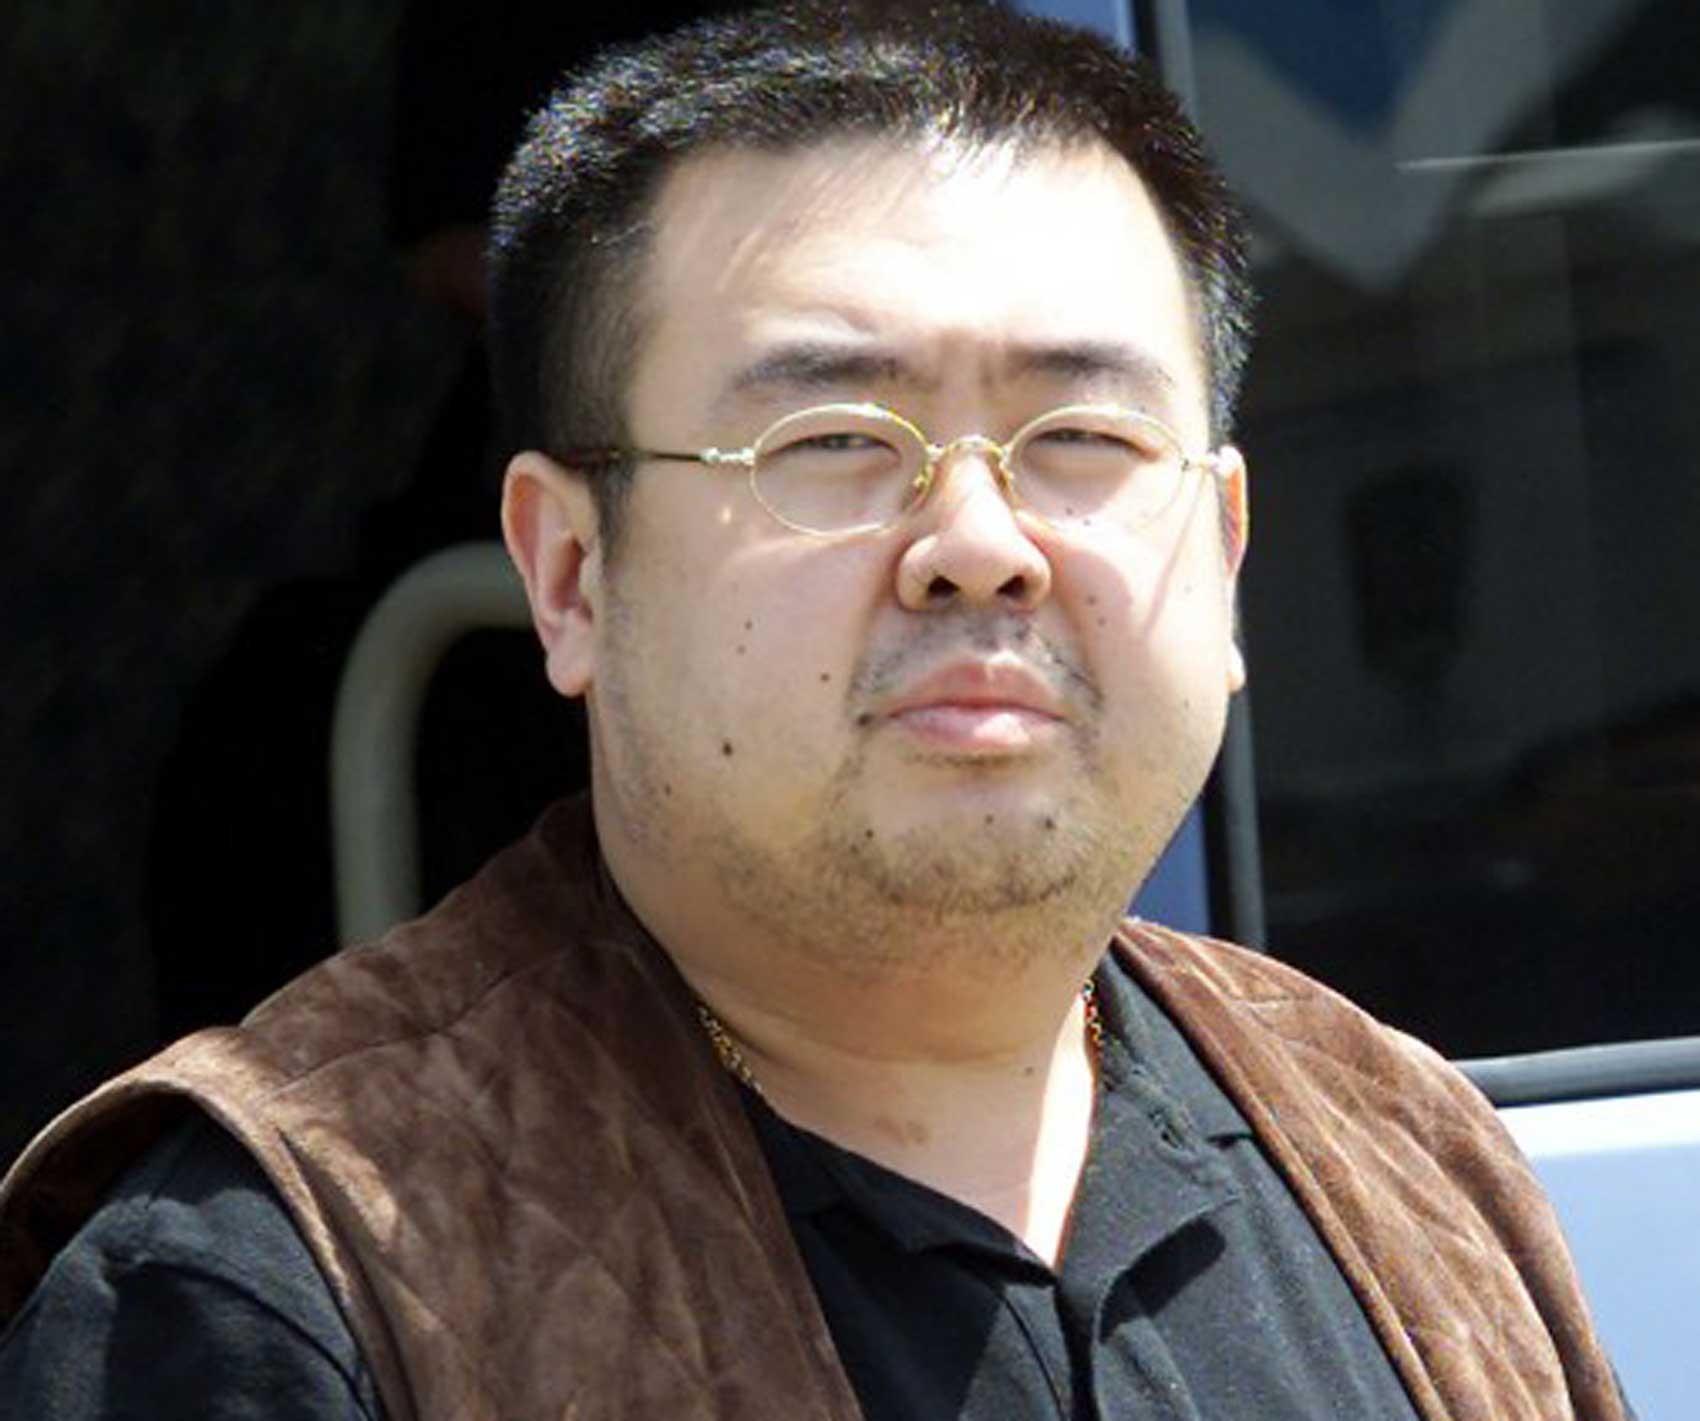 Encontrada arma química em necropsia de Kim Jong-Nam